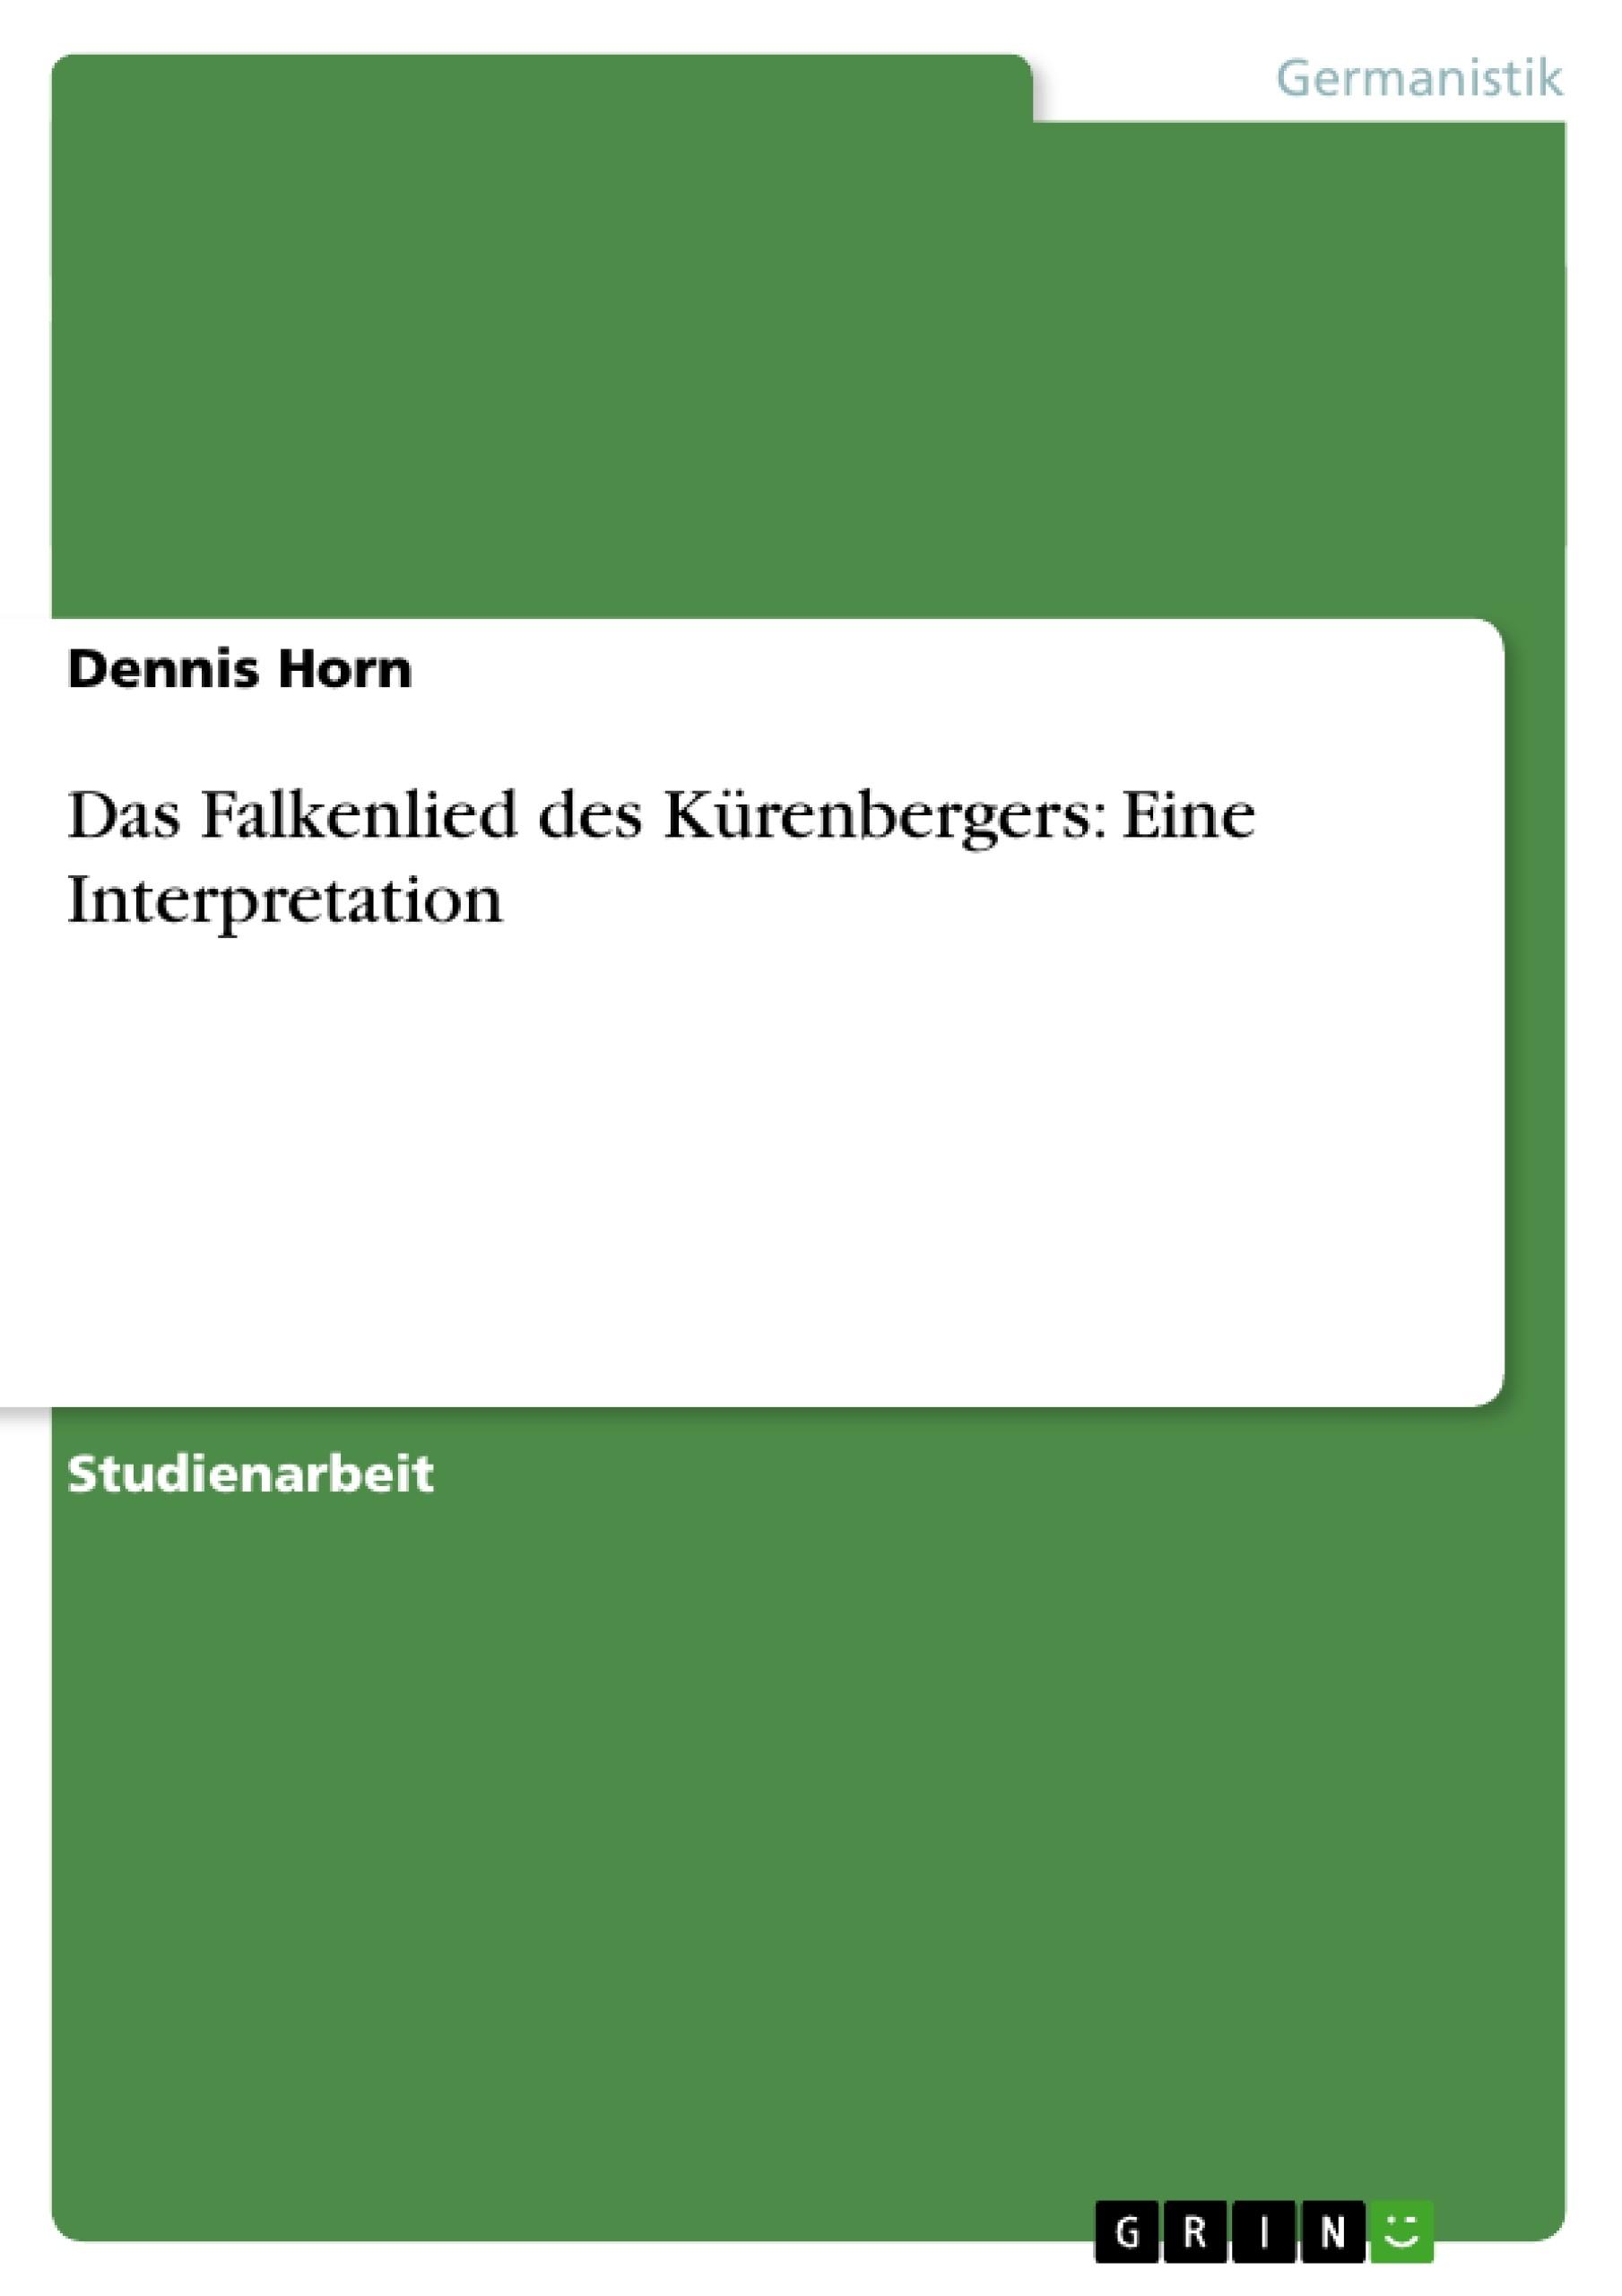 Titel: Das Falkenlied des Kürenbergers: Eine Interpretation